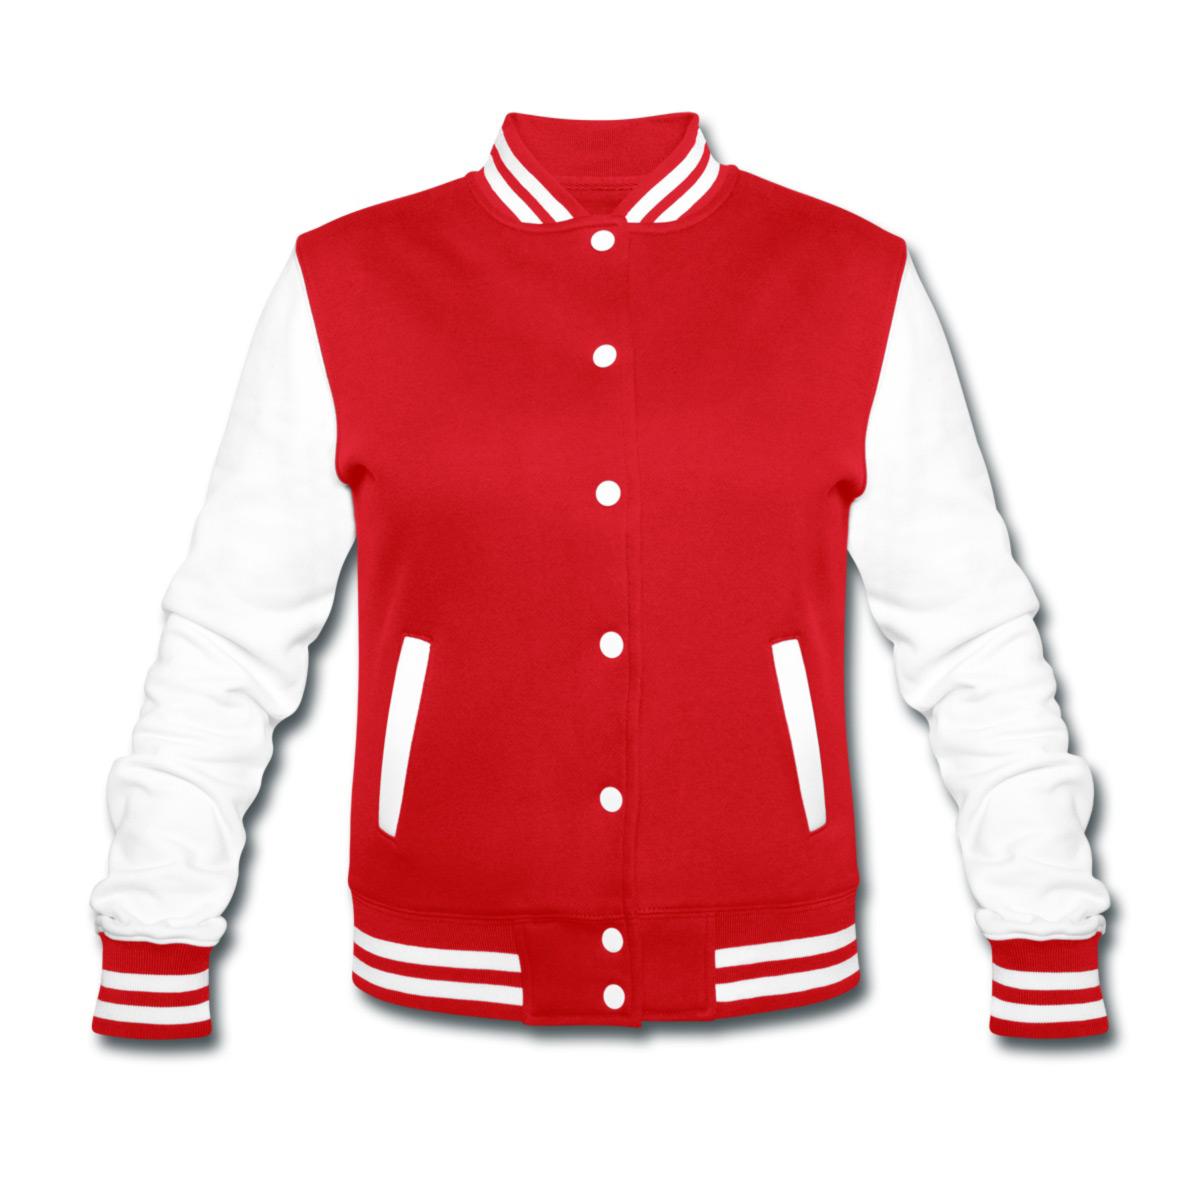 College Jacken selber gestalten und besticken lassen - das macht man heute. Hier kannst Du Deine College Jacke selber gestalten und besticken lassen, auf der Vorder- und Rückseite. Denn durch die Bestickung bekommt die College Jacke ihren eigenen Charakter - und der wird von Dir geprägt/5().